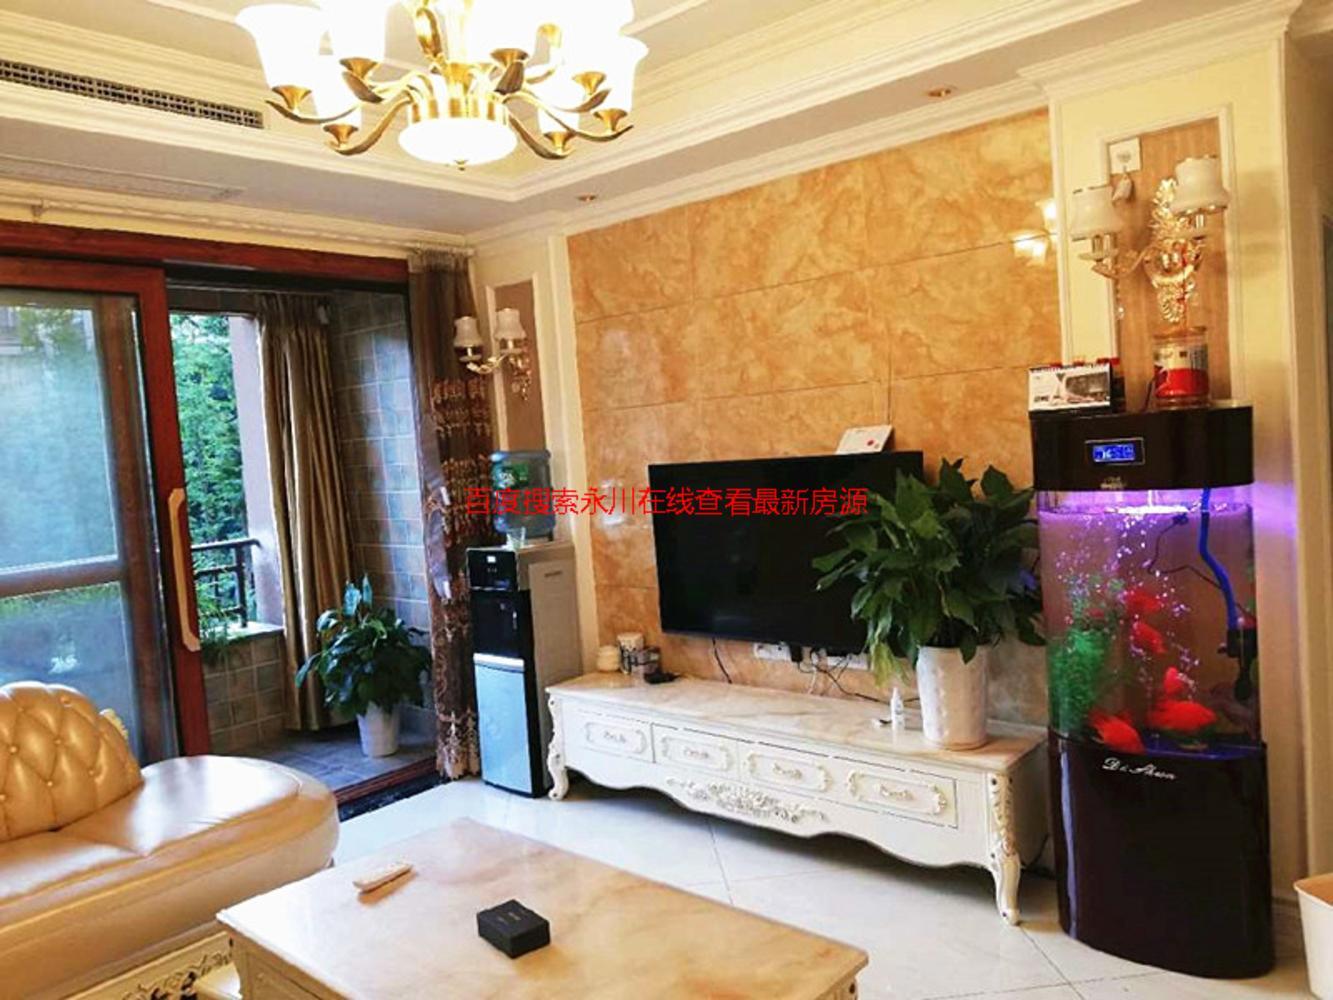 万达广场旁凰城华府全中庭豪装洋房带品牌家具电器急售